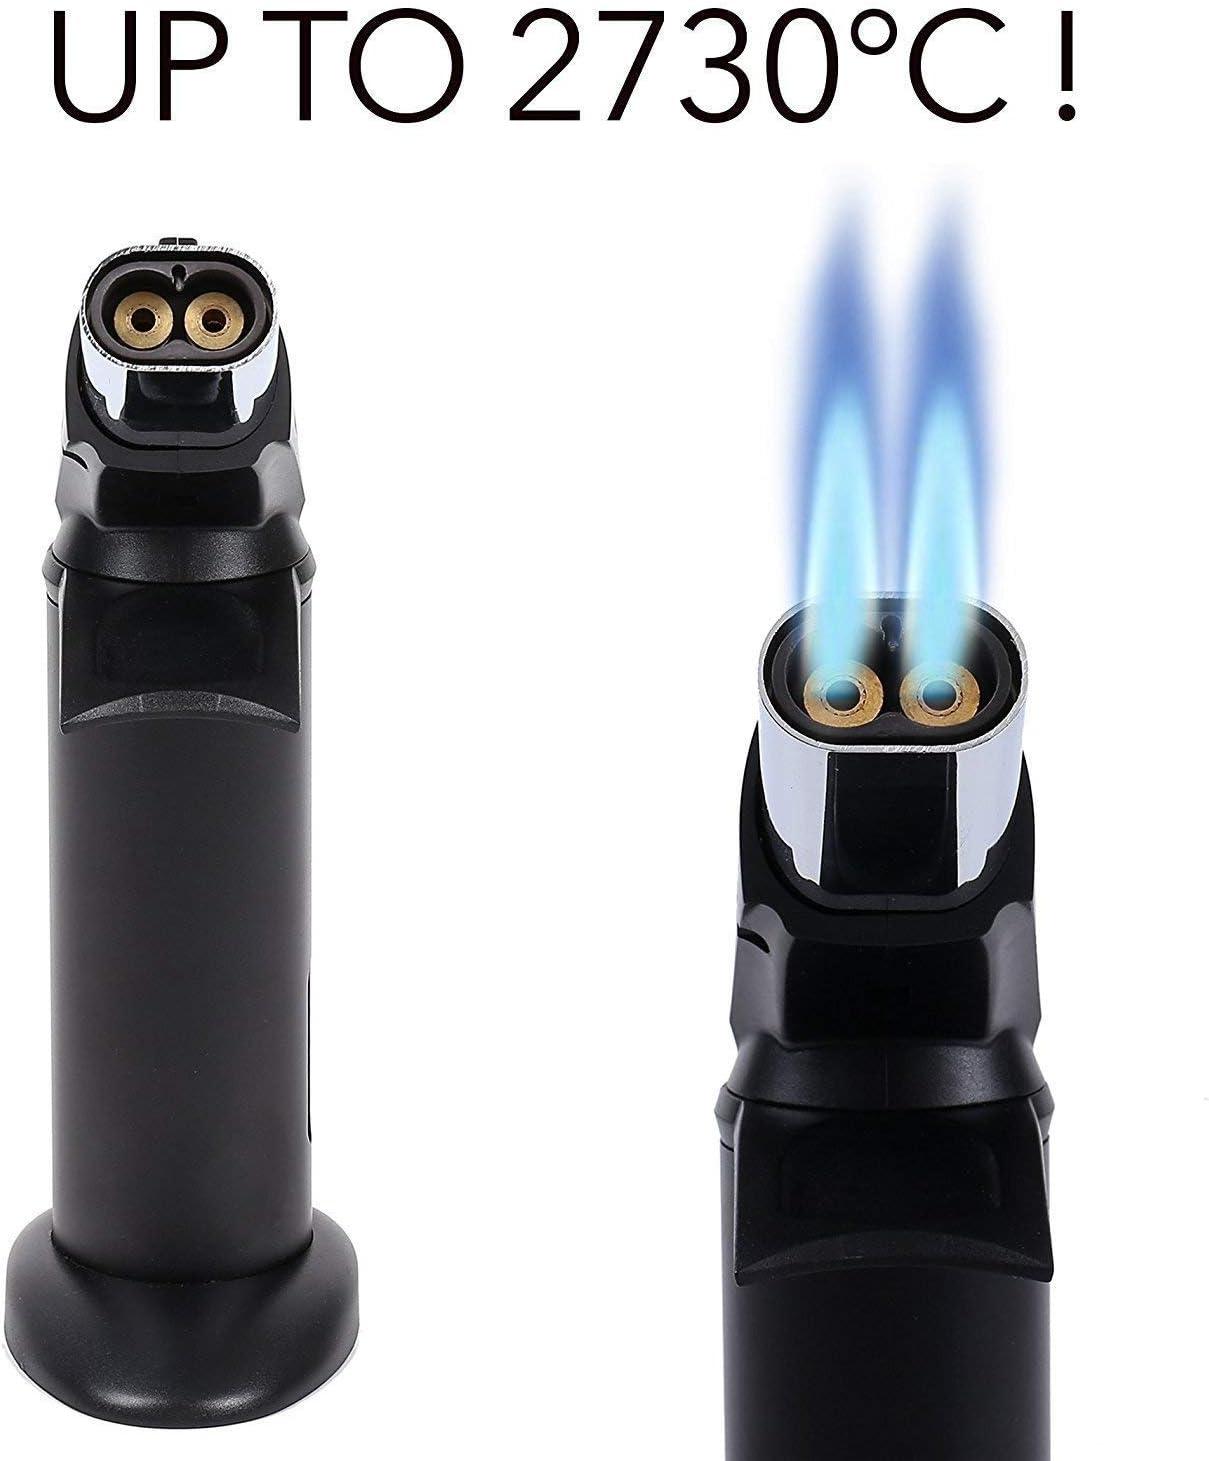 Schwarz Flambierer ZALA K/üchenbrenner mit Doppelflamme Butan inbegriffen Nicht von Cr/ème Br/ûl/ée bis BBQ von K/öchen verwendeter Flambierbrenner Butangasbrenner